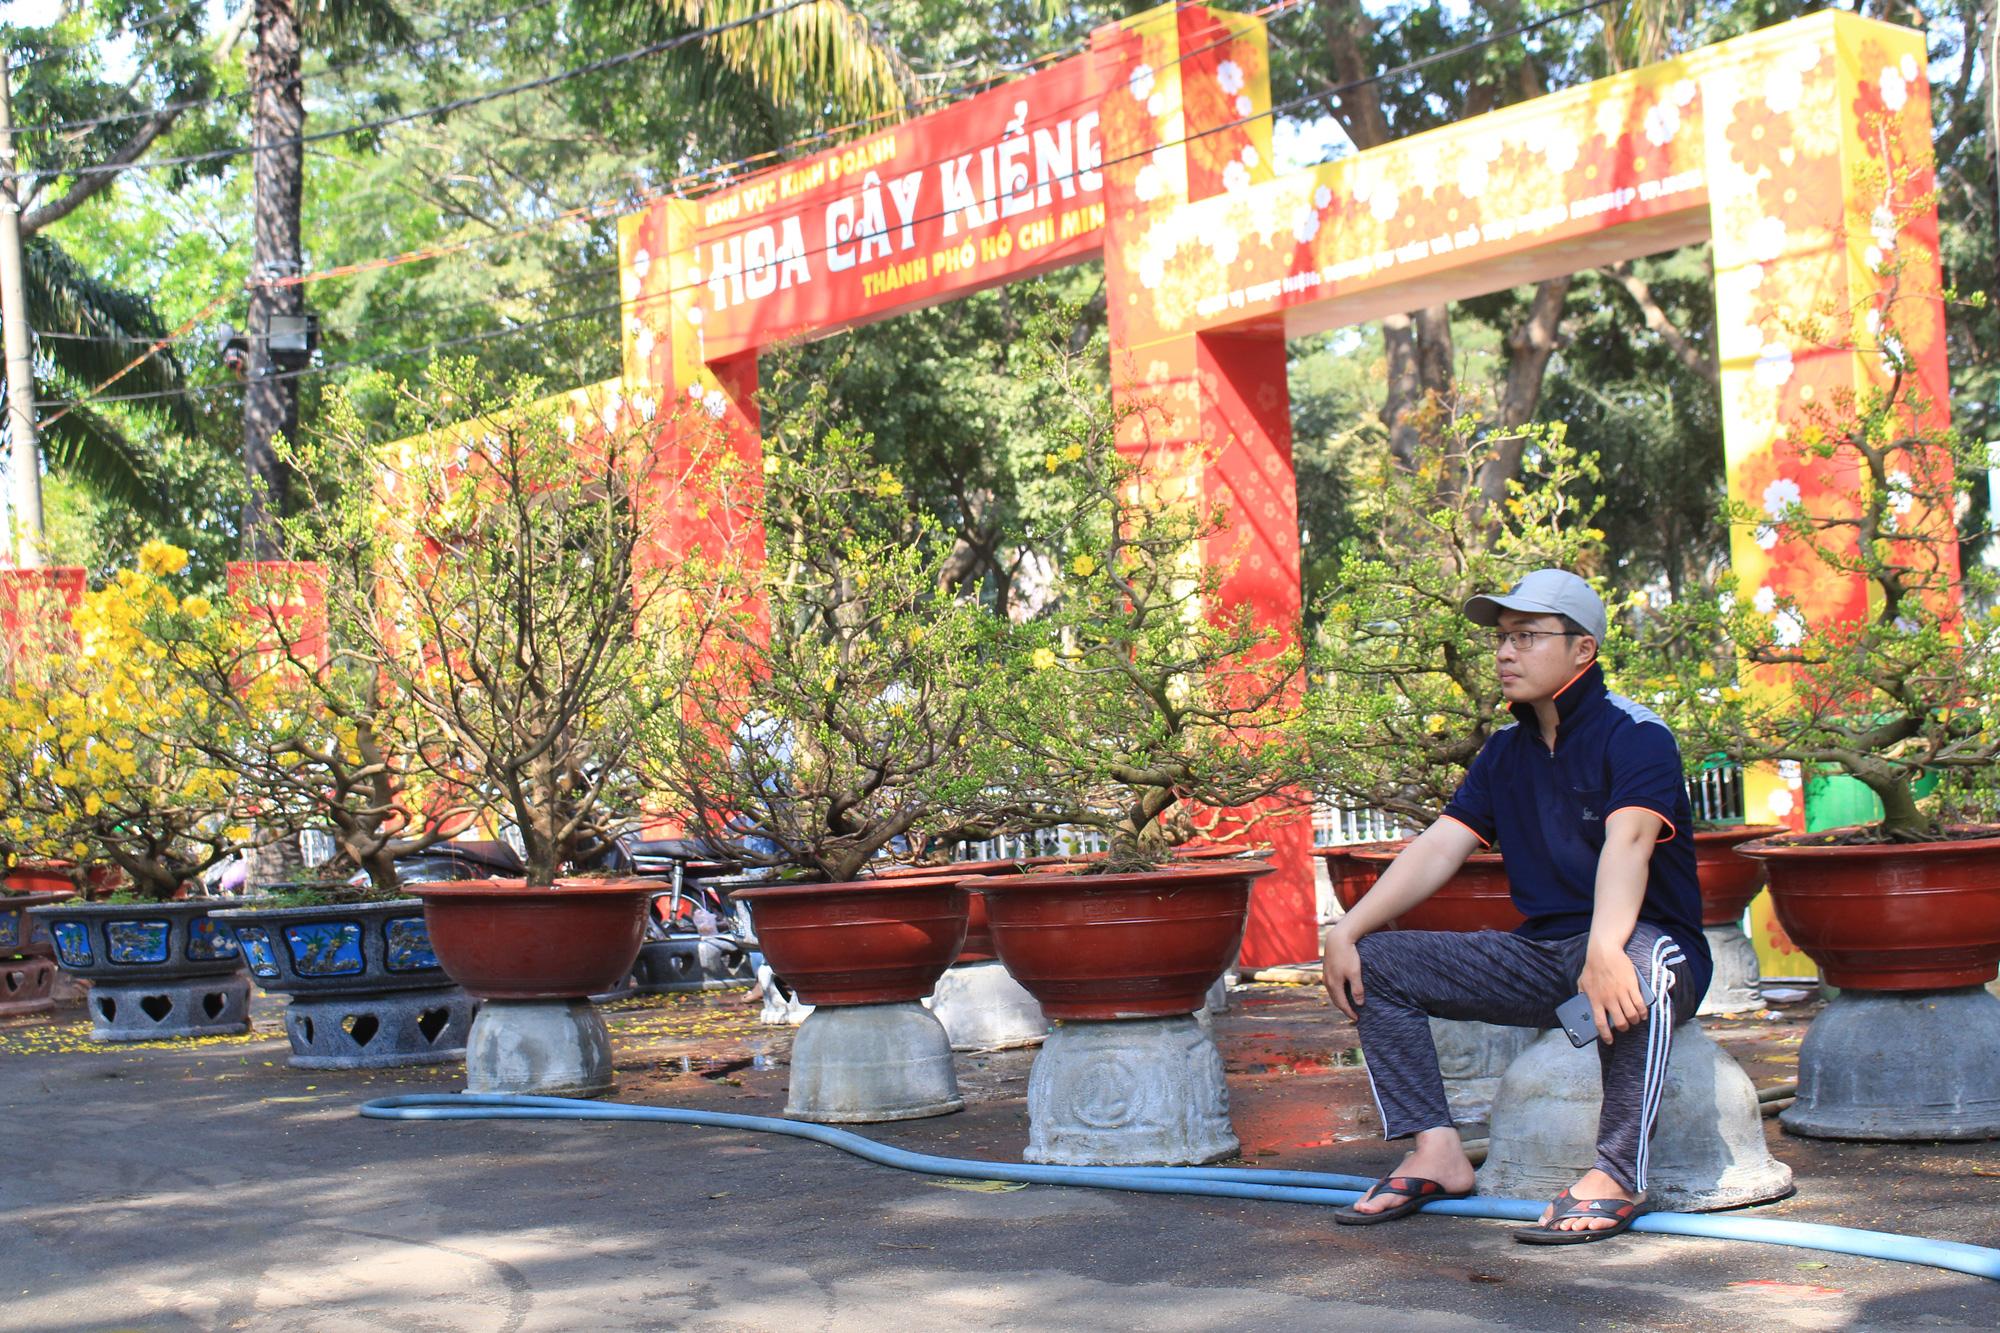 Mai, đào, tắc tiền triệu tại chợ hoa Sài Gòn ngóng người mua, có nhà vườn treo biển đồng giá 100.000 đồng mỗi chậu - Ảnh 4.